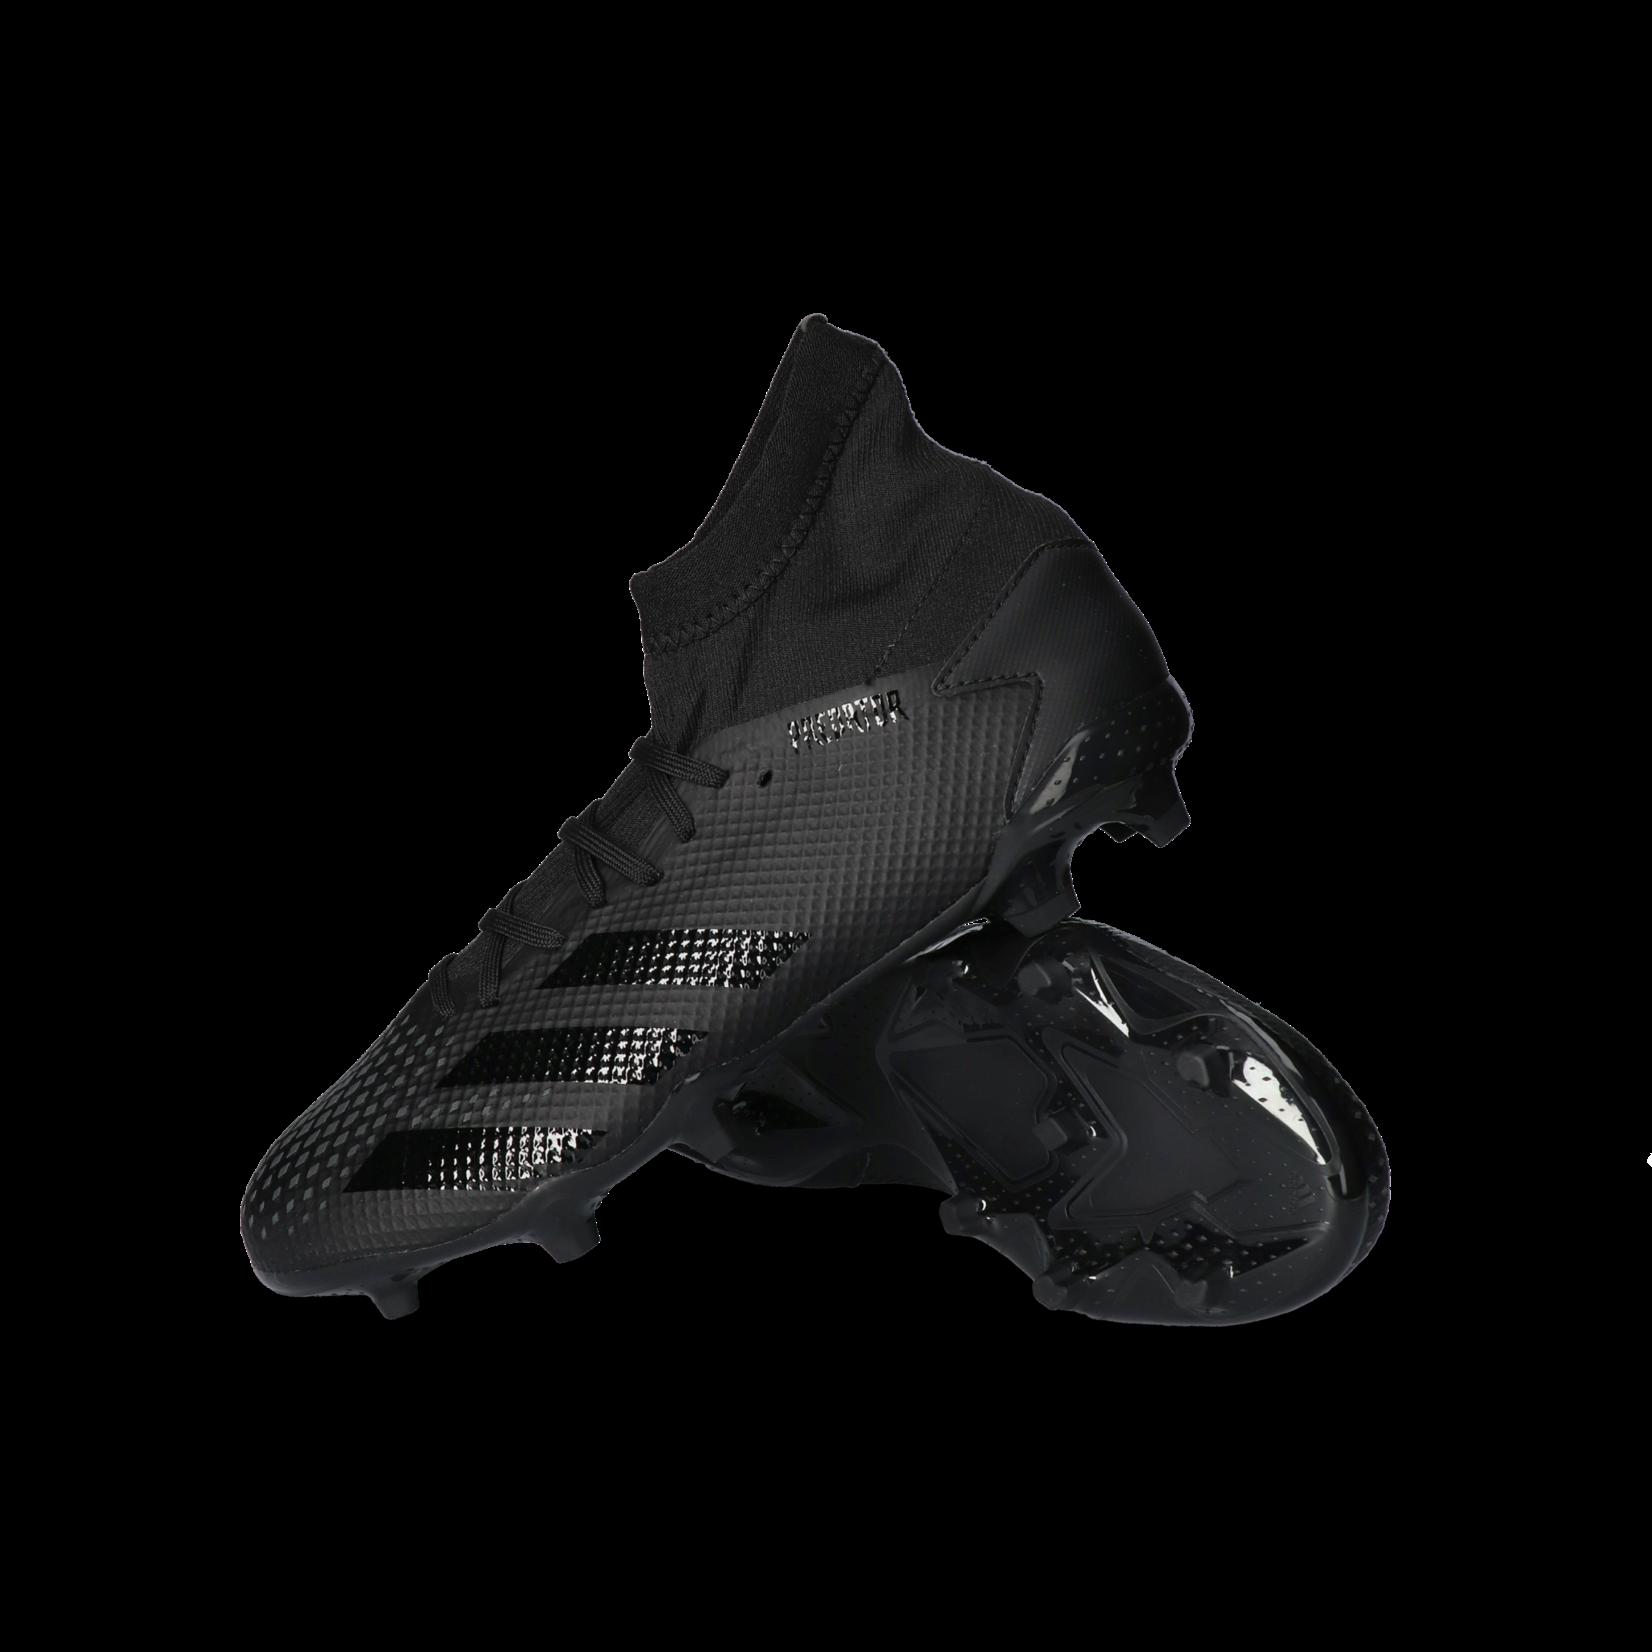 Adidas Adidas Soccer Shoes, Predator 20.3 FG, Mens